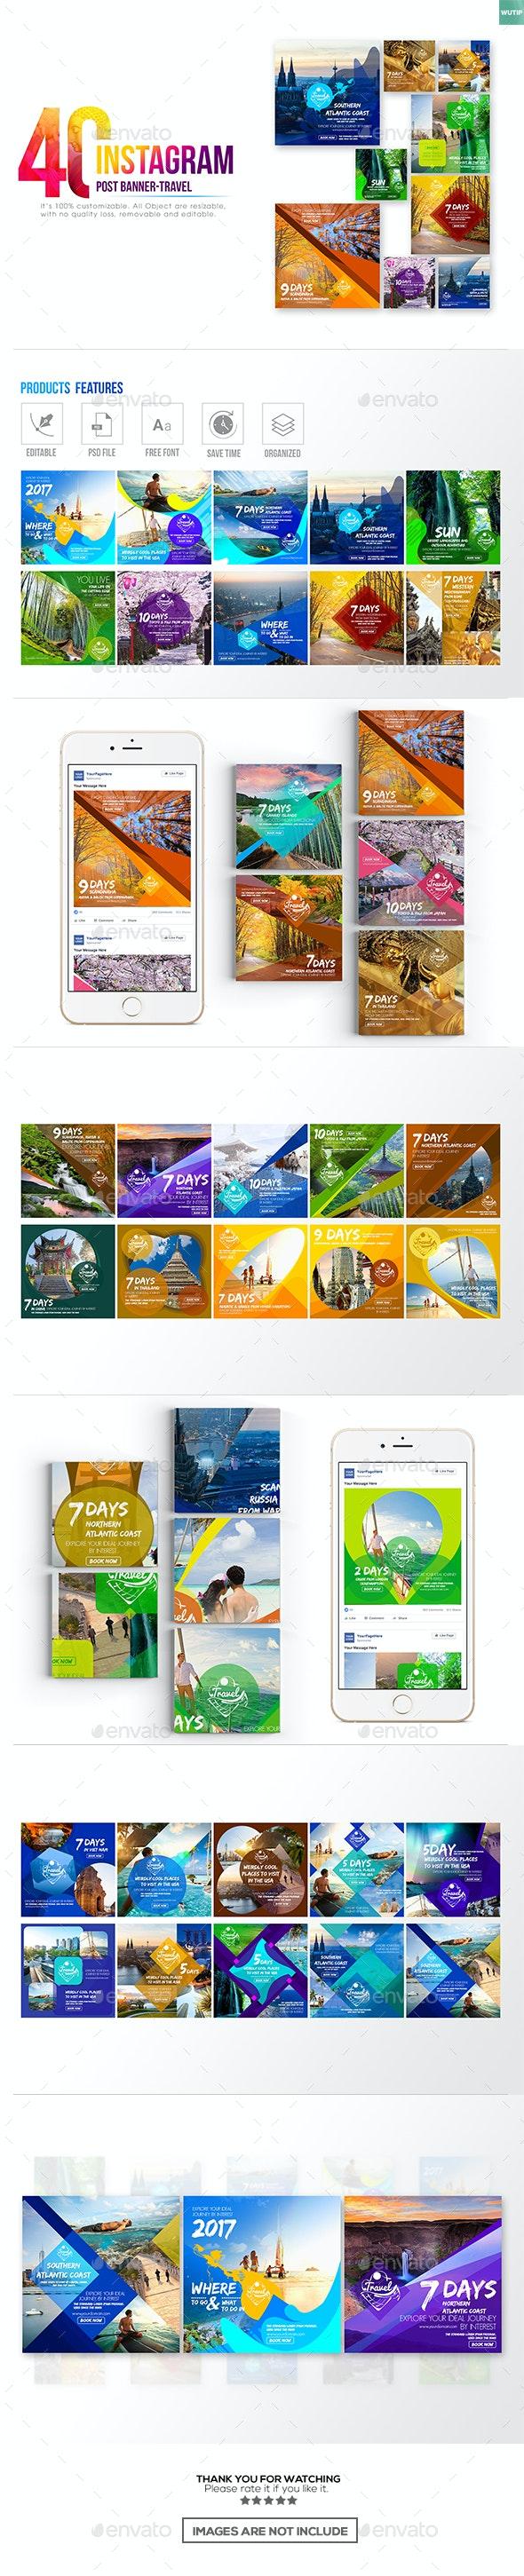 40 Instagram Post Banner-Travel - Miscellaneous Social Media